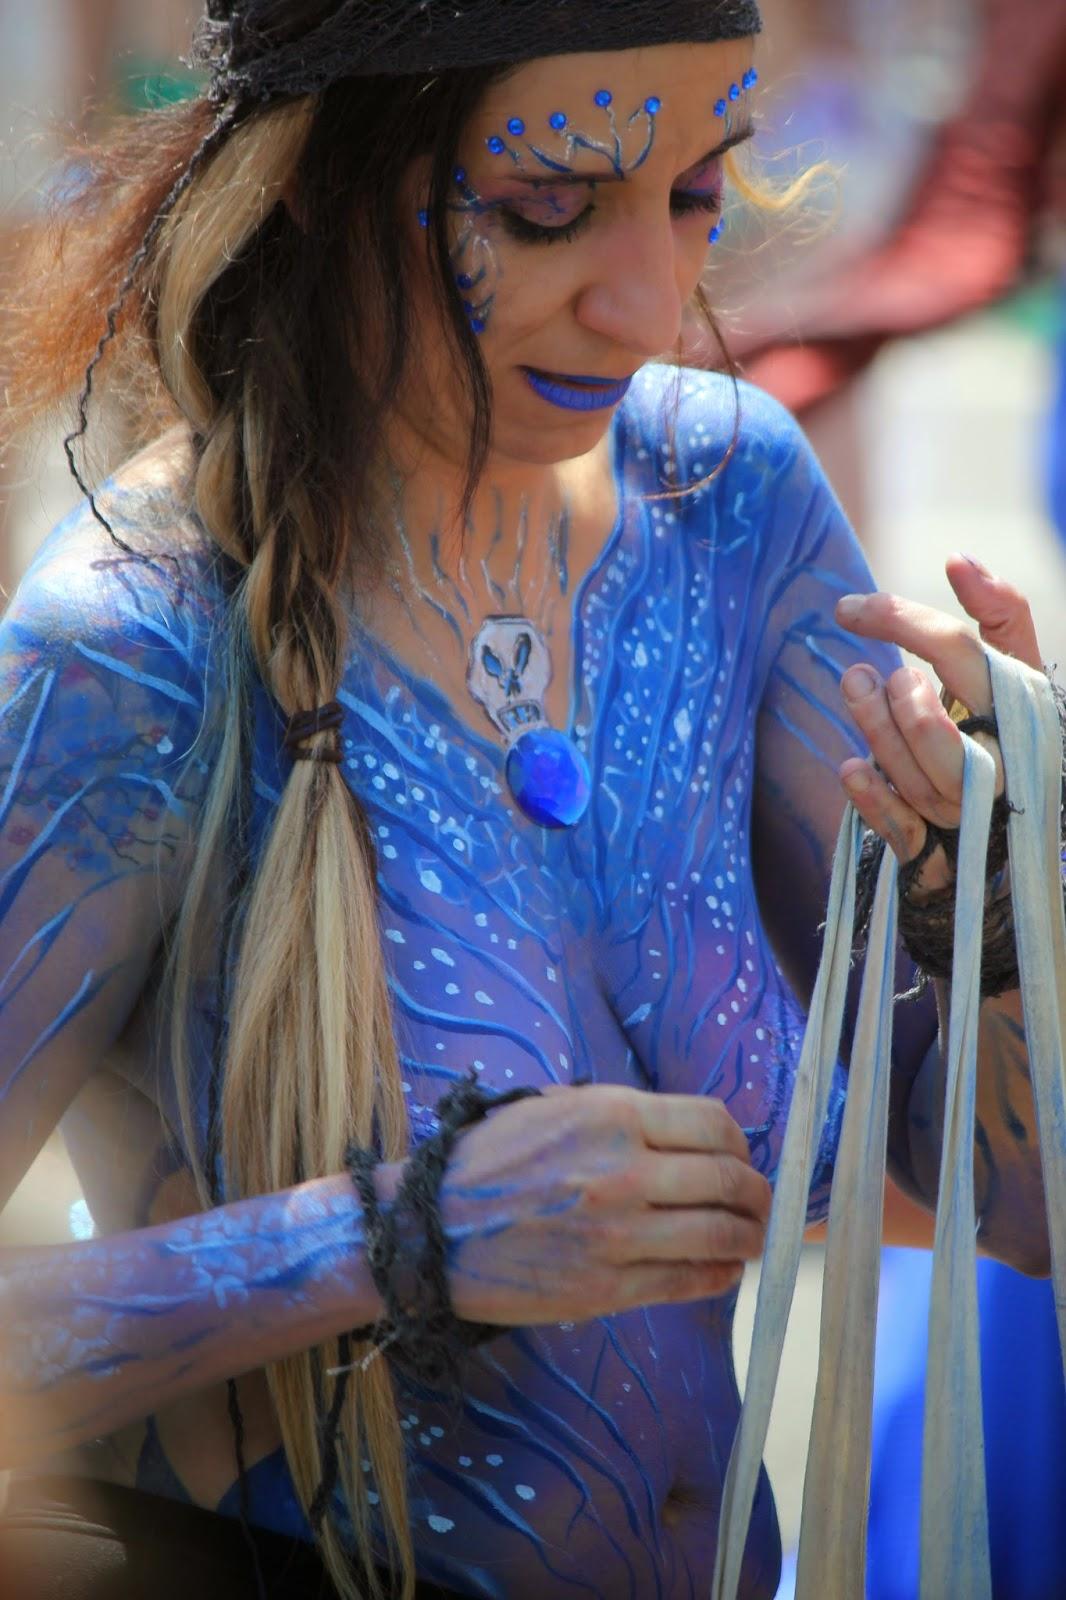 hermosos diseños de pintura corporal sobre el cuerpo de mujer